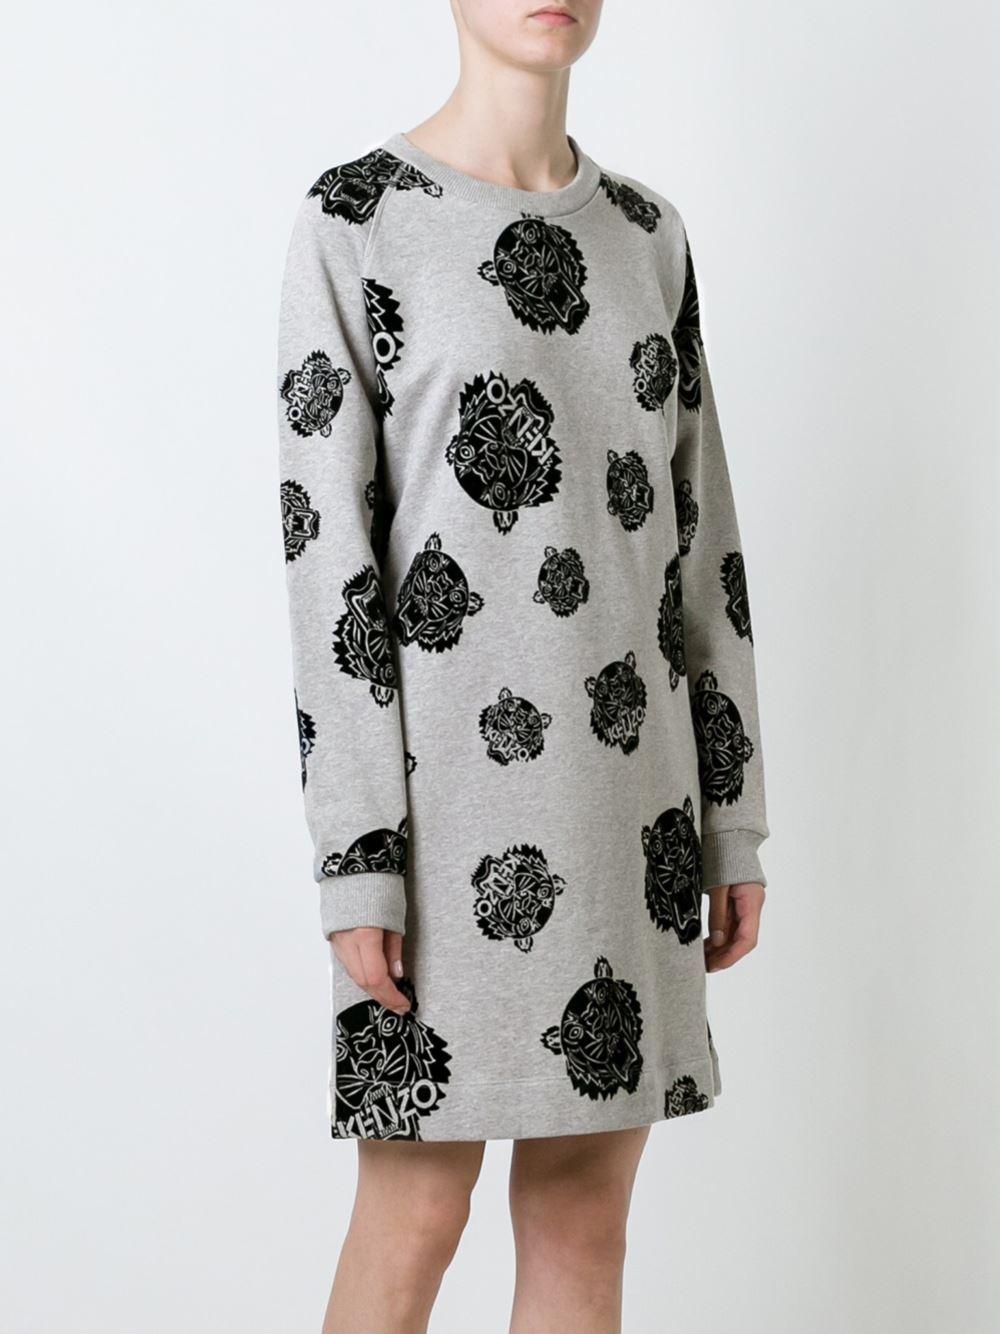 Robe femme kenzo pas cher - Idée pour s habiller 6955c988b17